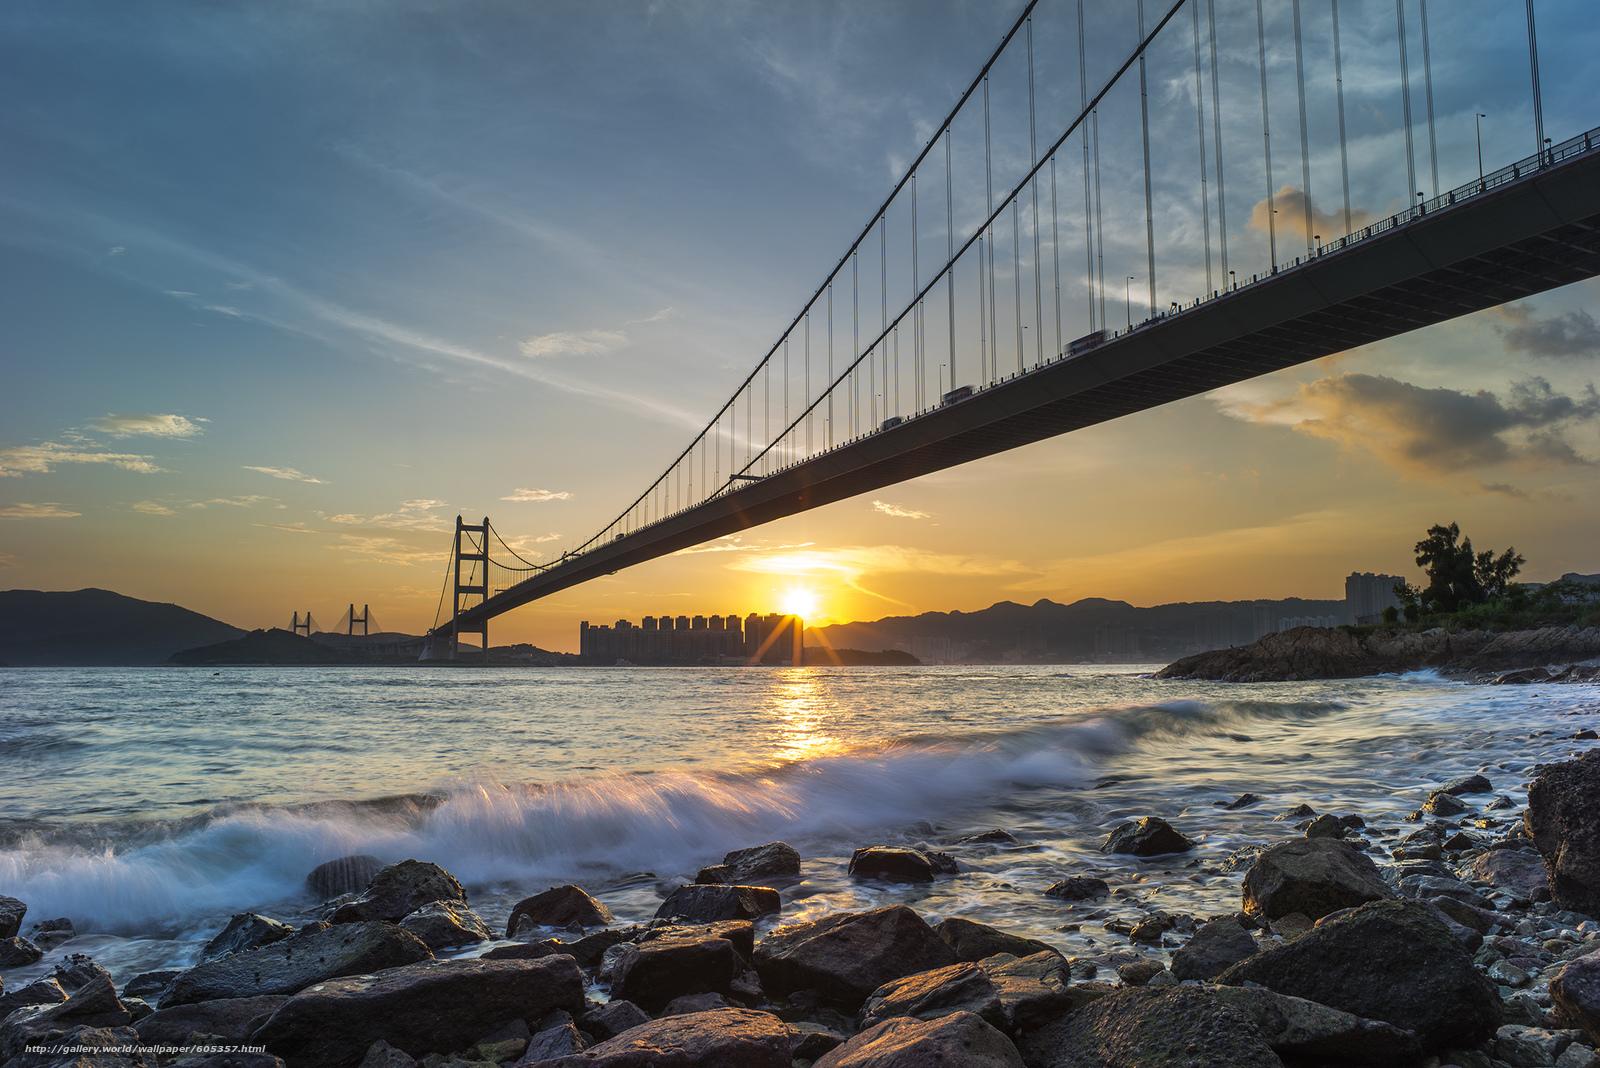 下载壁纸 桥,  西草湾,  青衣,  香港 免费为您的桌面分辨率的壁纸 2248x1500 — 图片 №605357